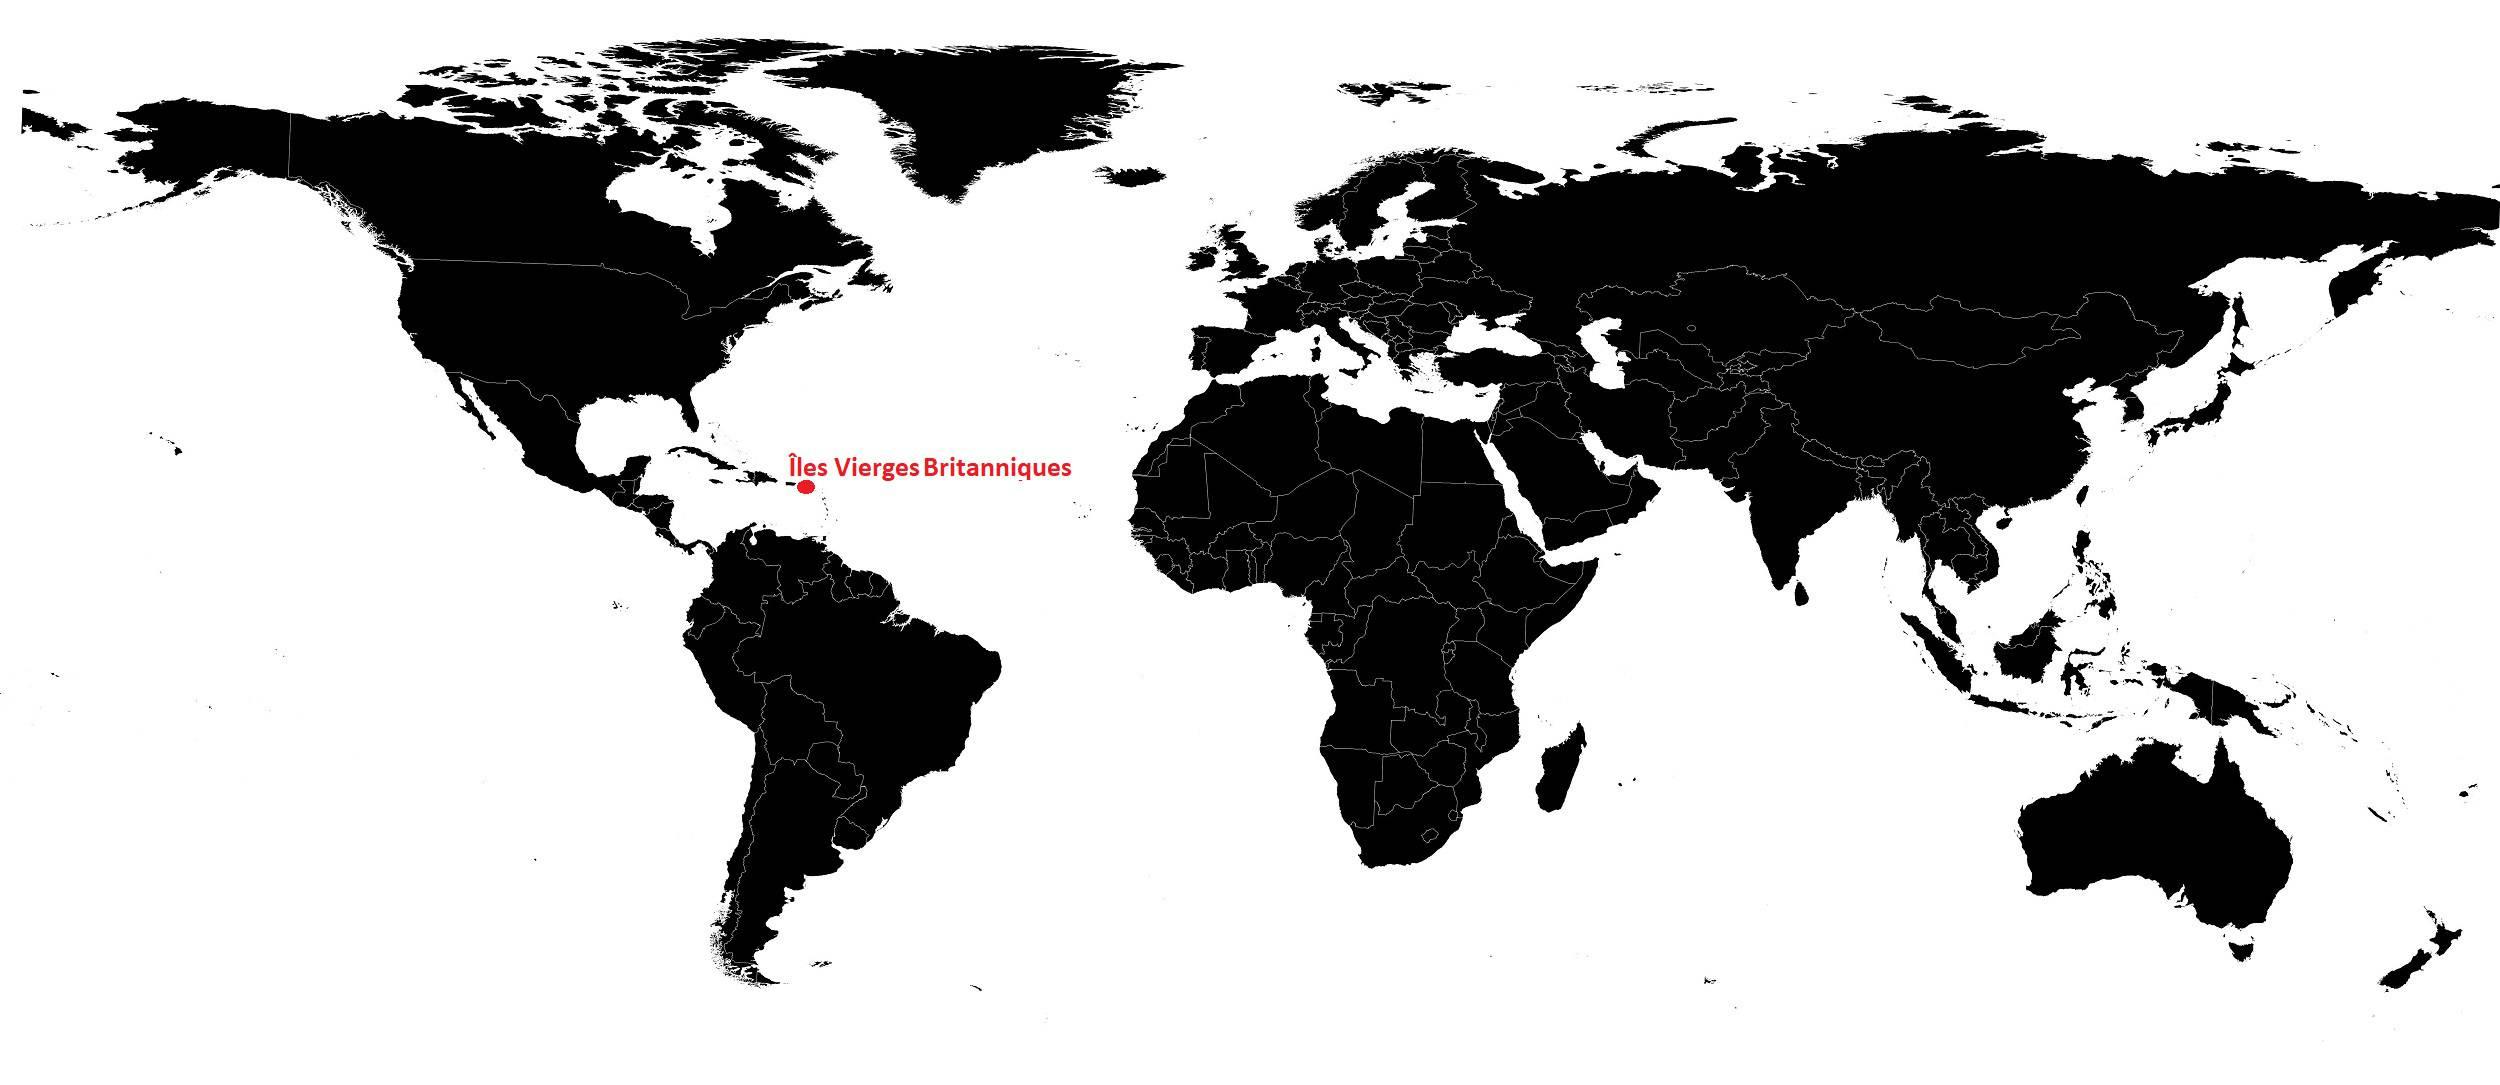 Îles Vierges Britanniques sur une carte du monde